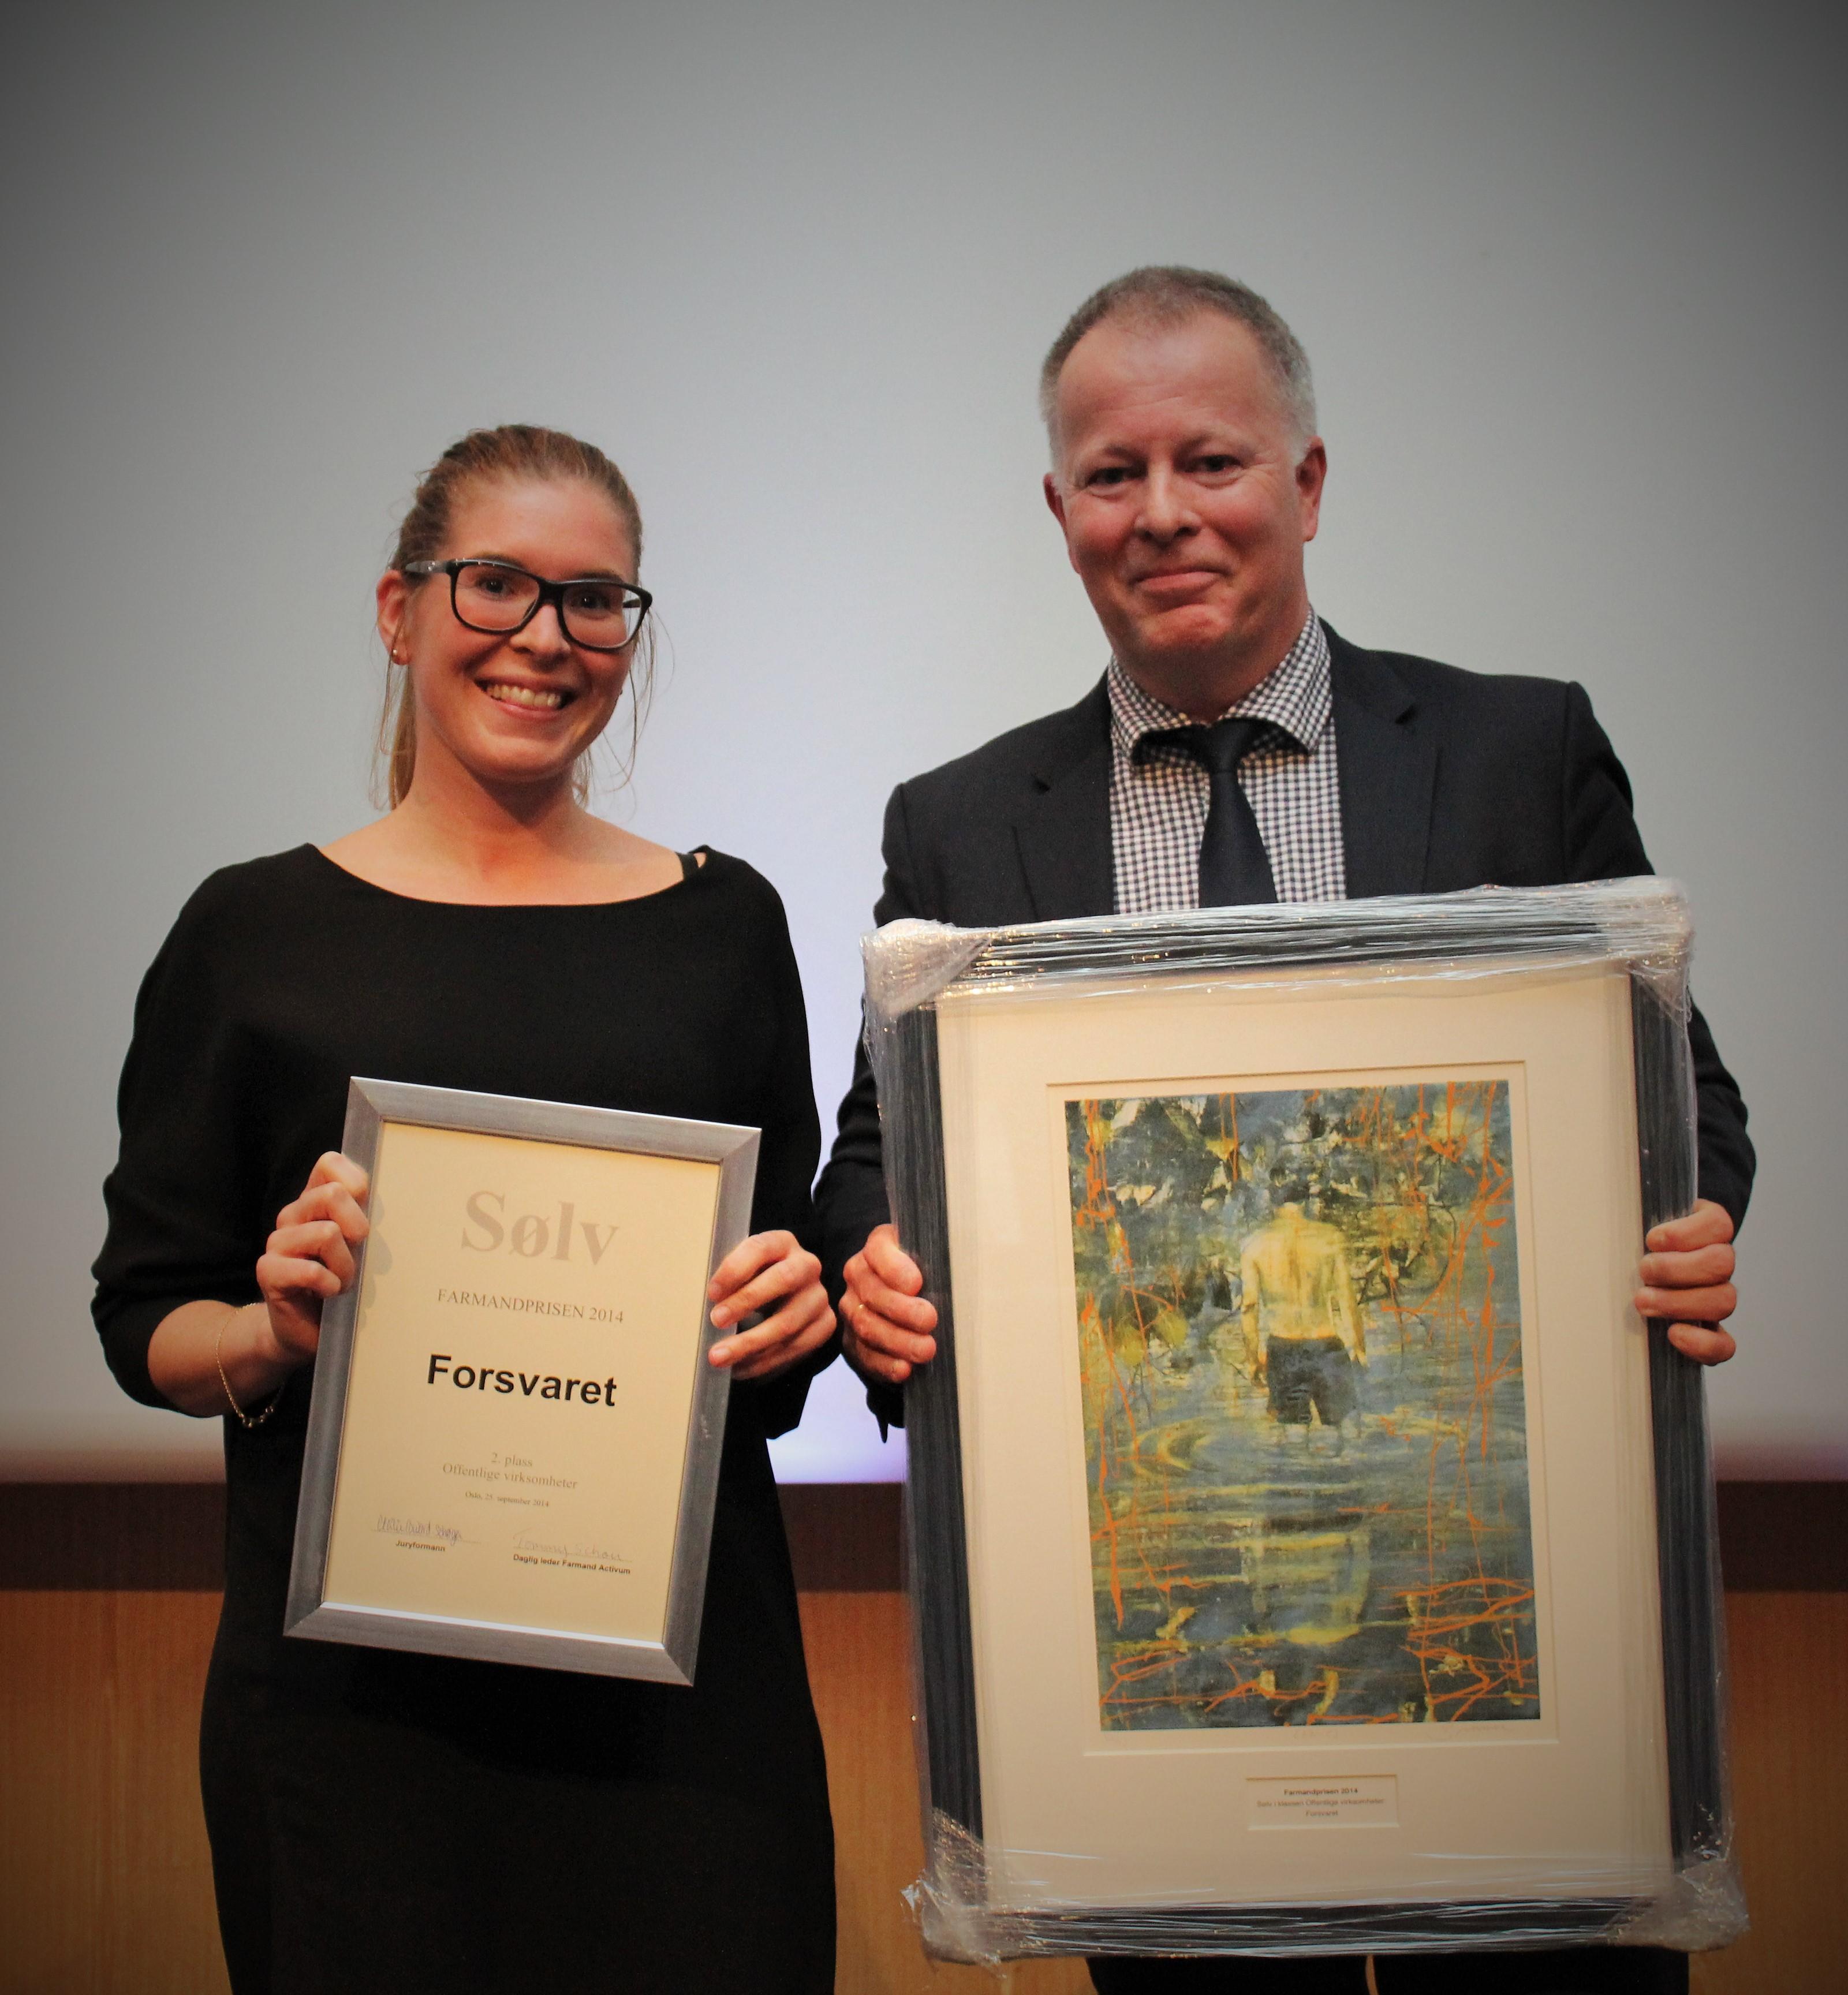 Farmandprisen Beste Årsrapport 2014 - Offentlige virksomheter nr 2: Forsvaret